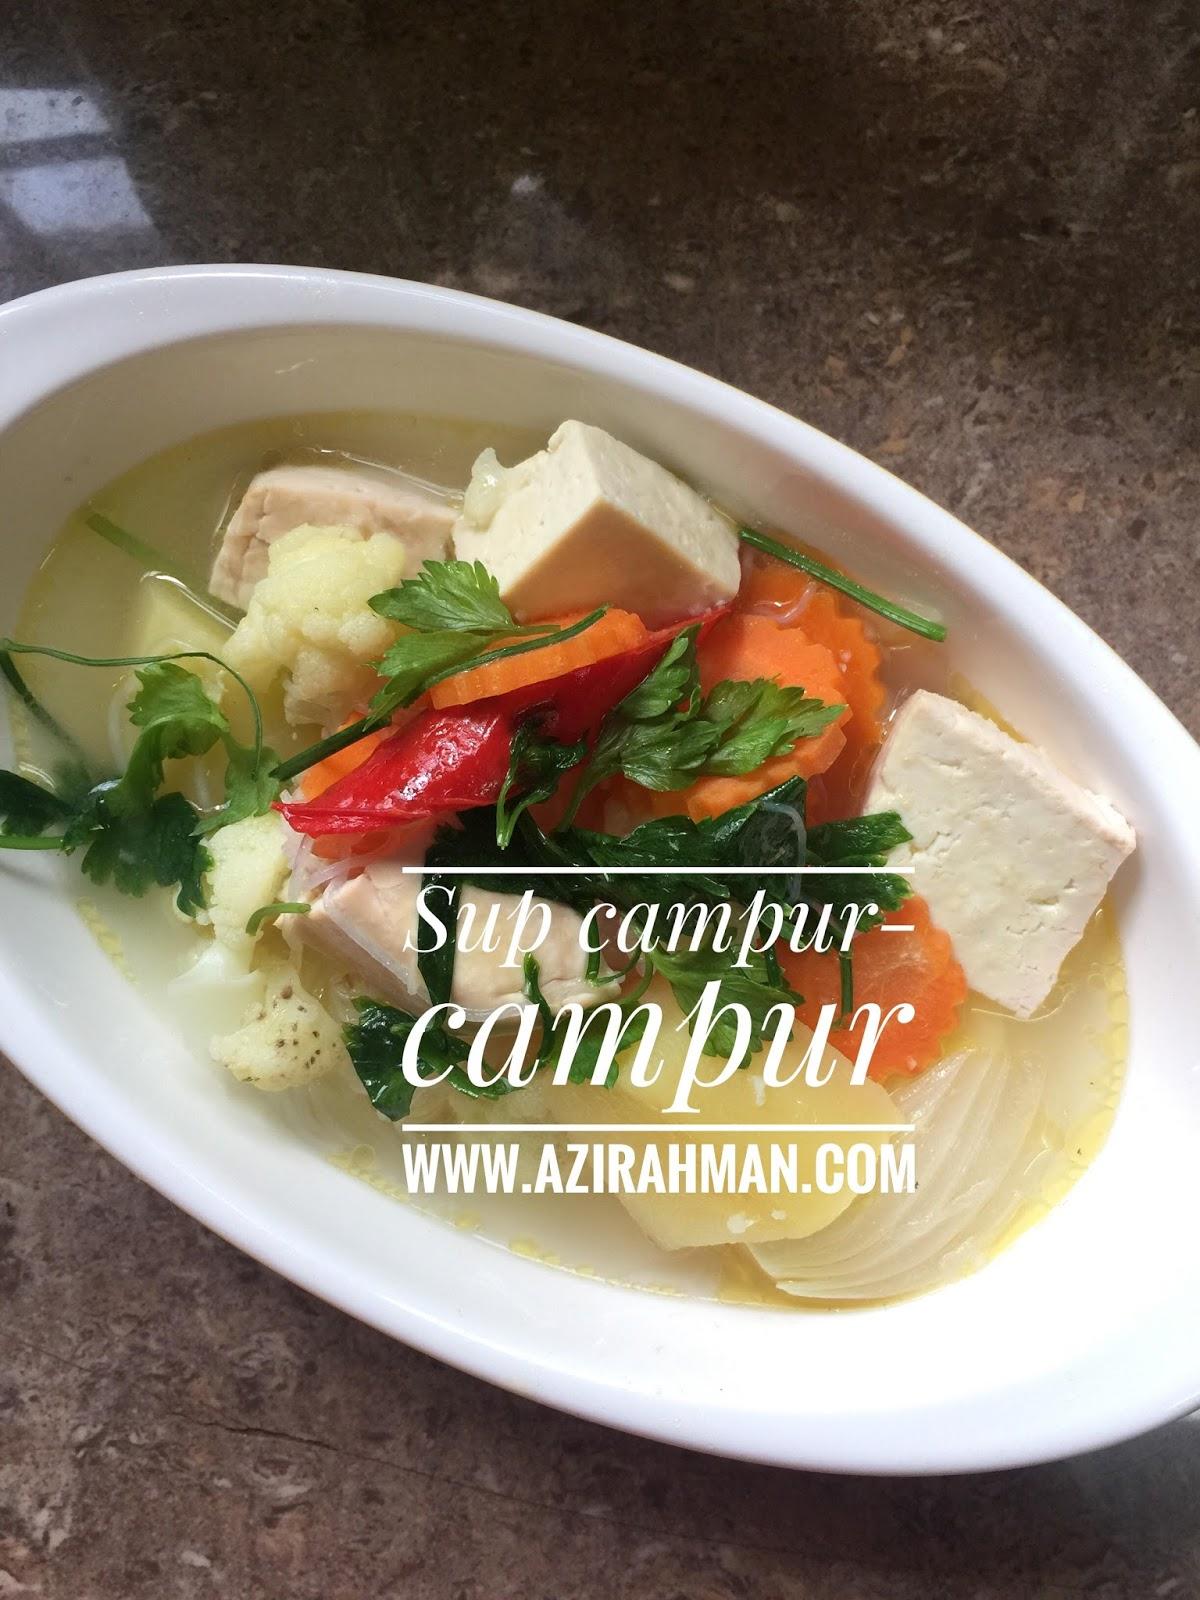 sup campur, sayur-sayuran, menu diet, resepi mudah